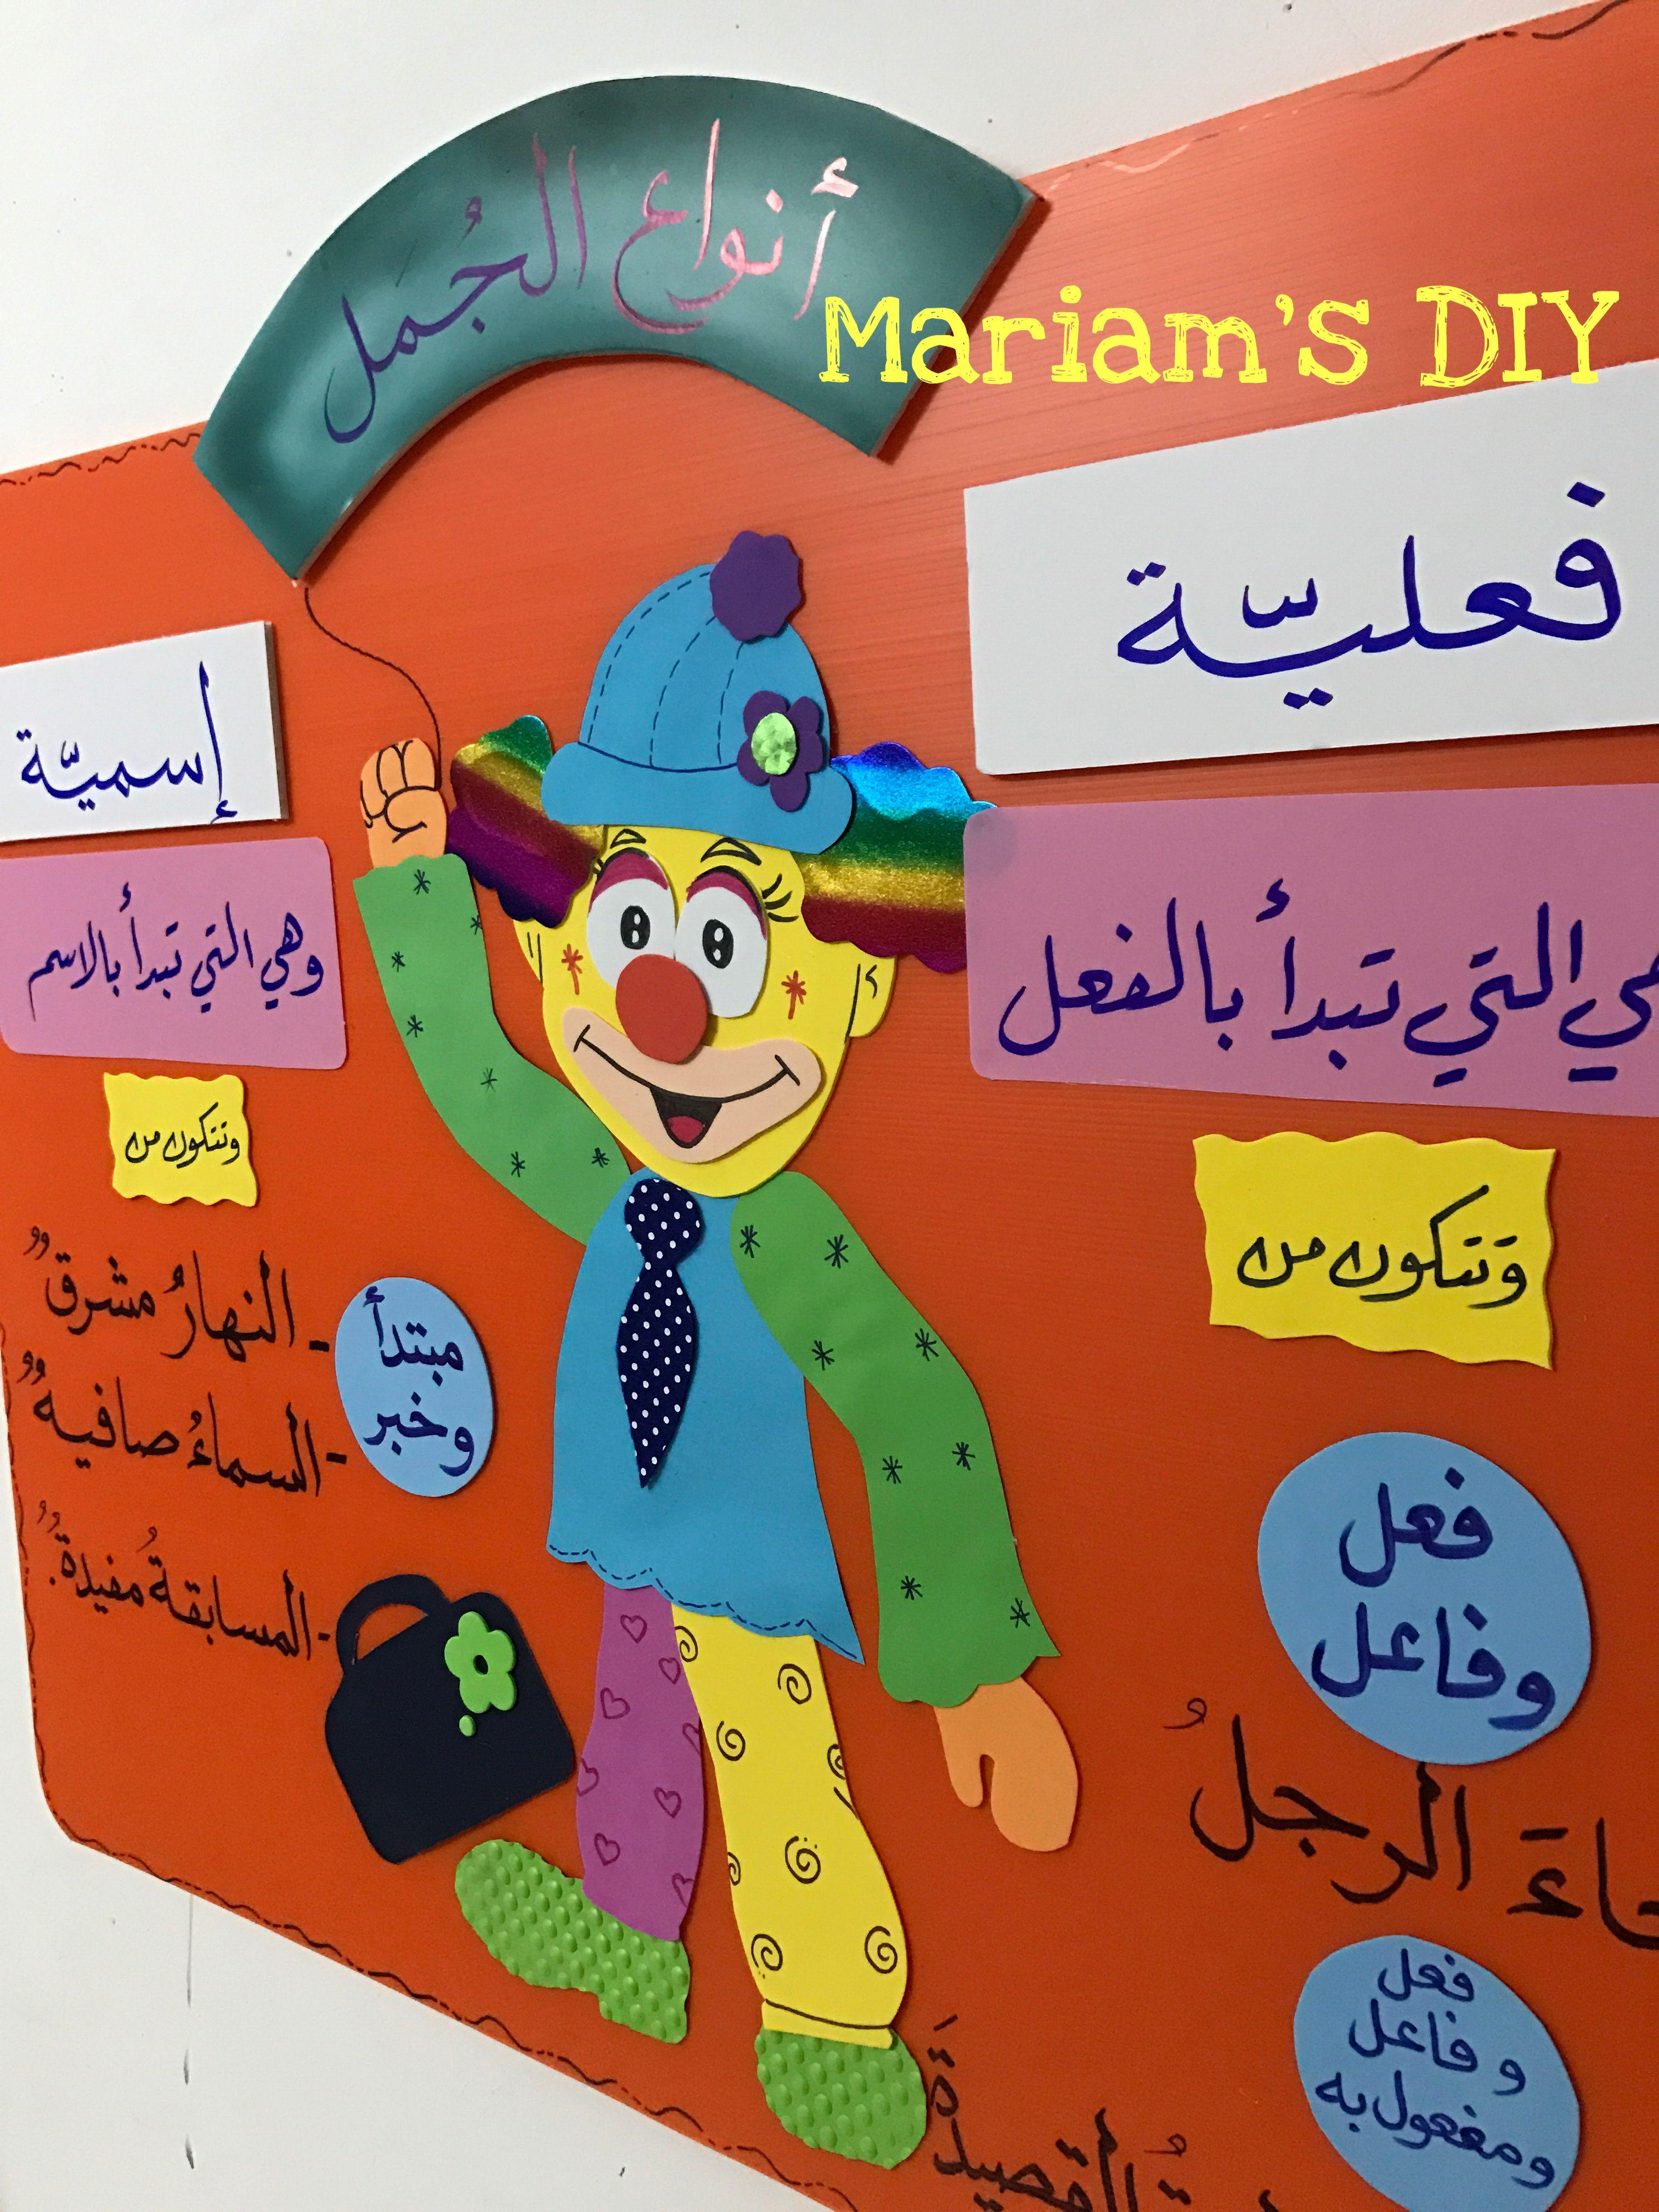 وسيلة الجملة الاسمية والفعلية Learning Arabic Arabic Kids Learn Arabic Alphabet